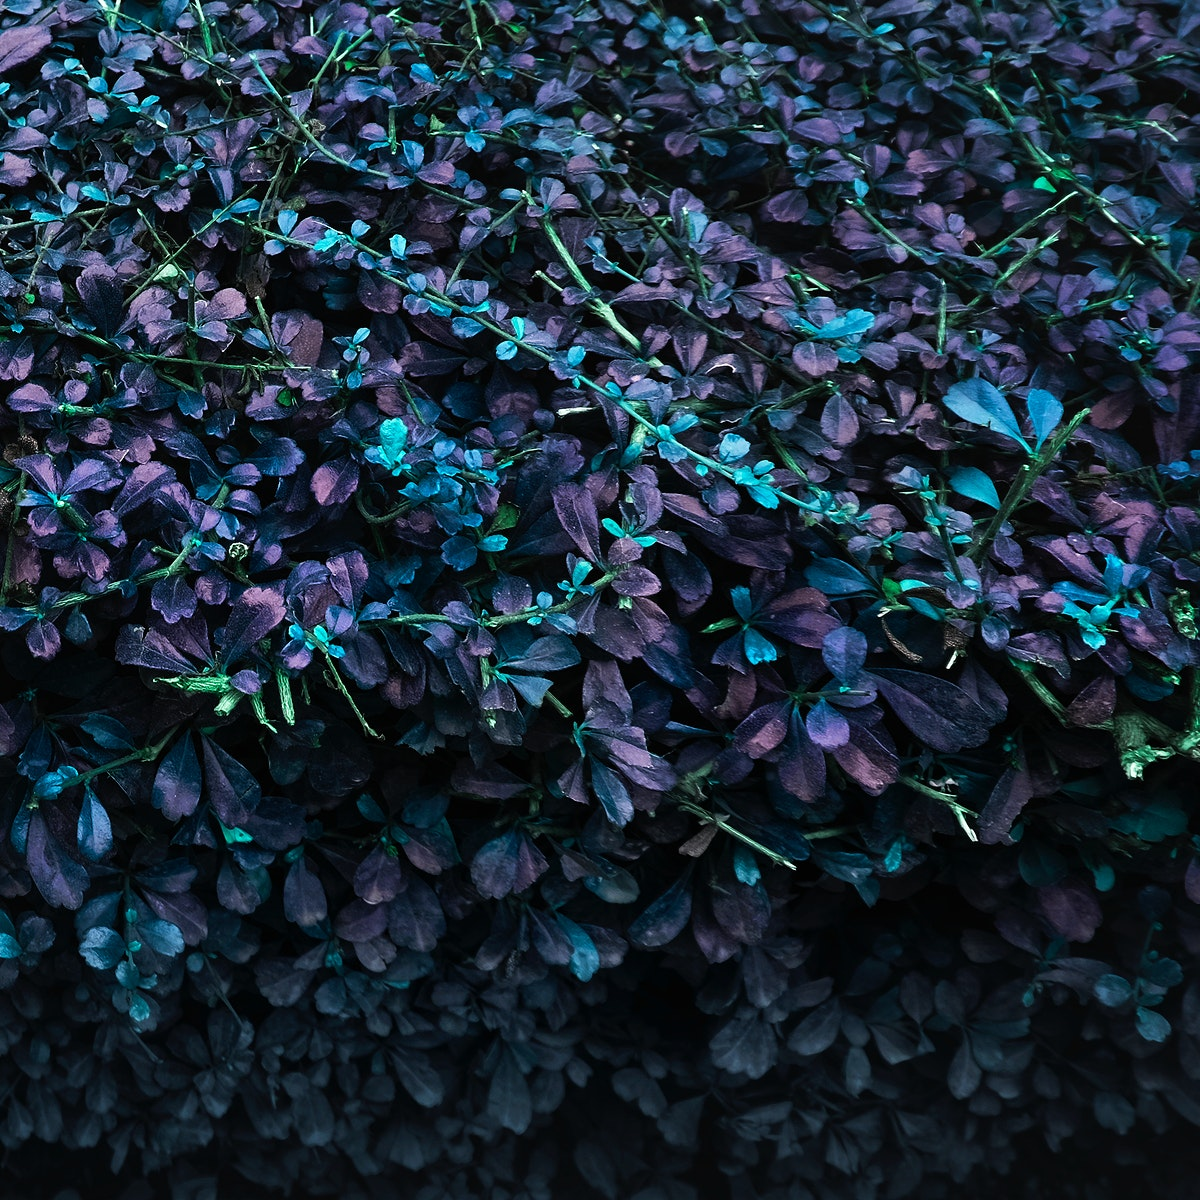 Closeup of plant leaves negative color